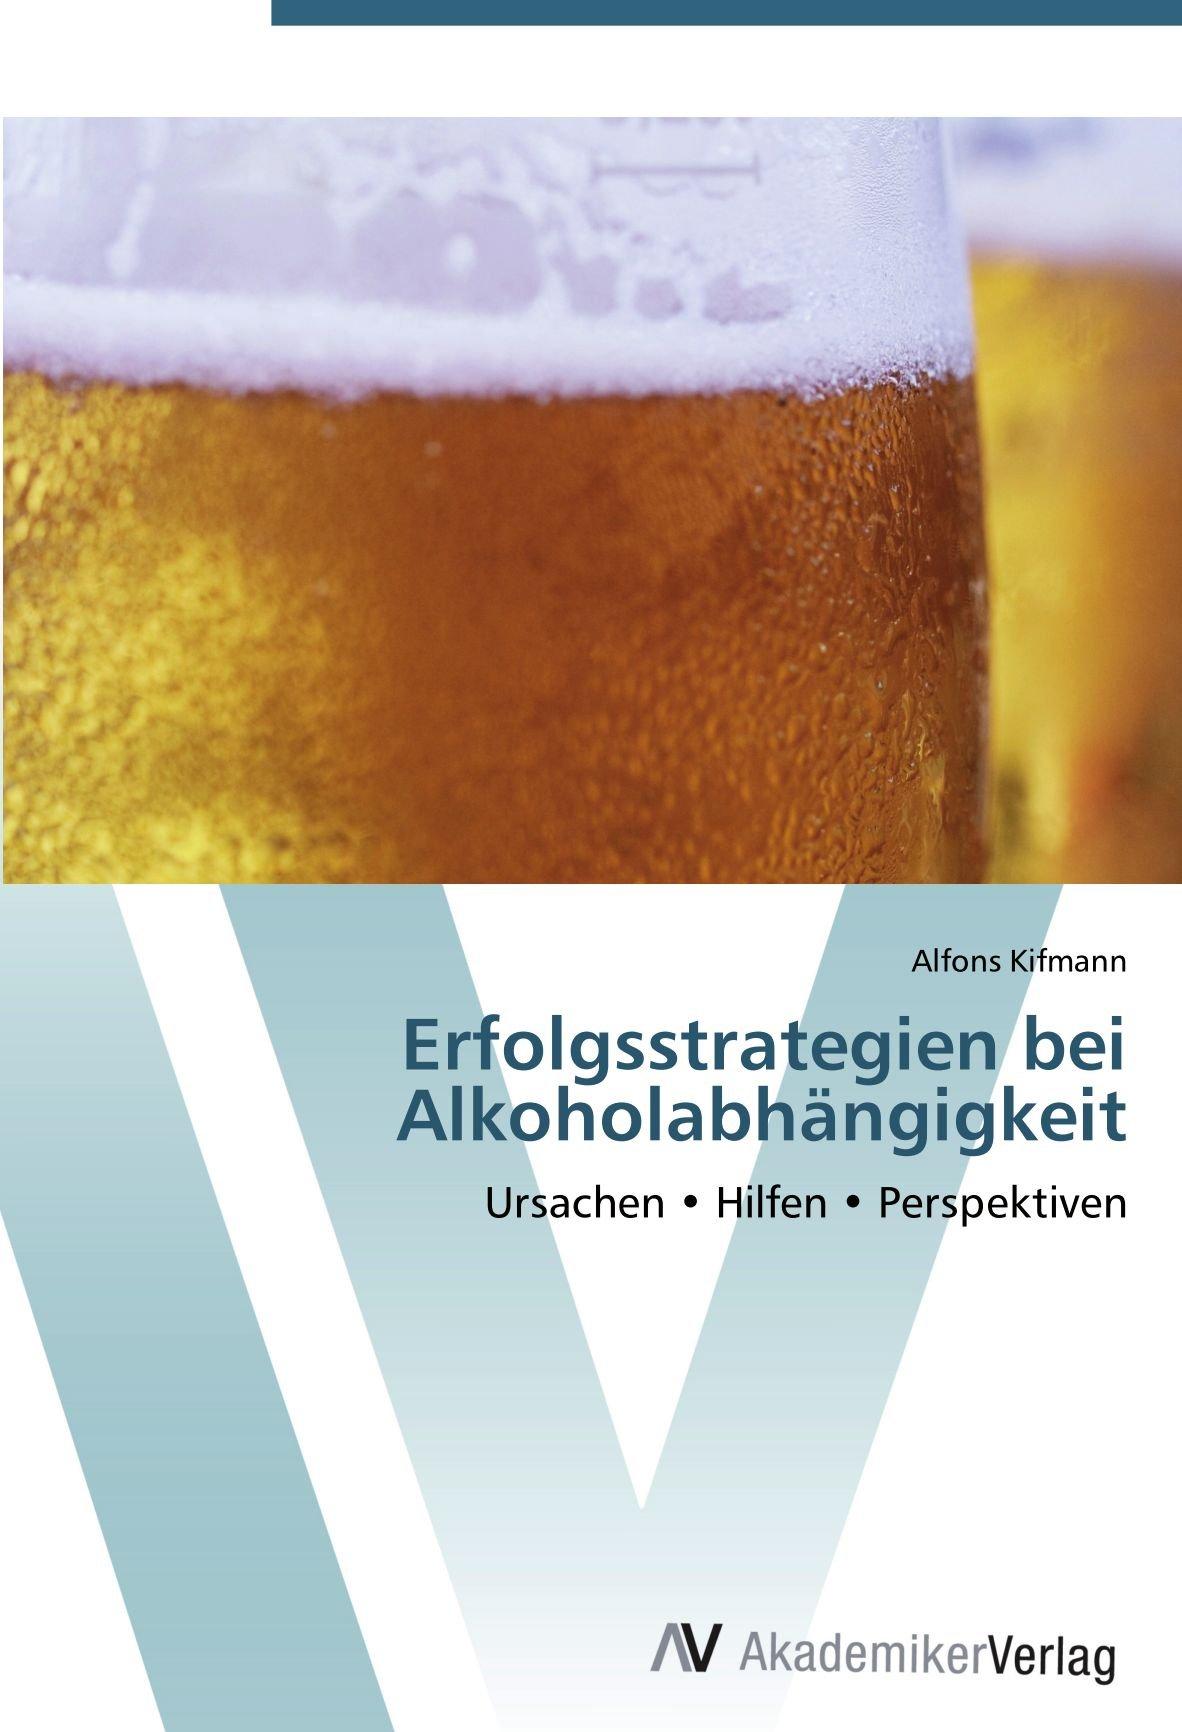 Erfolgsstrategien bei Alkoholabhängigkeit: Ursachen • Hilfen • Perspektiven